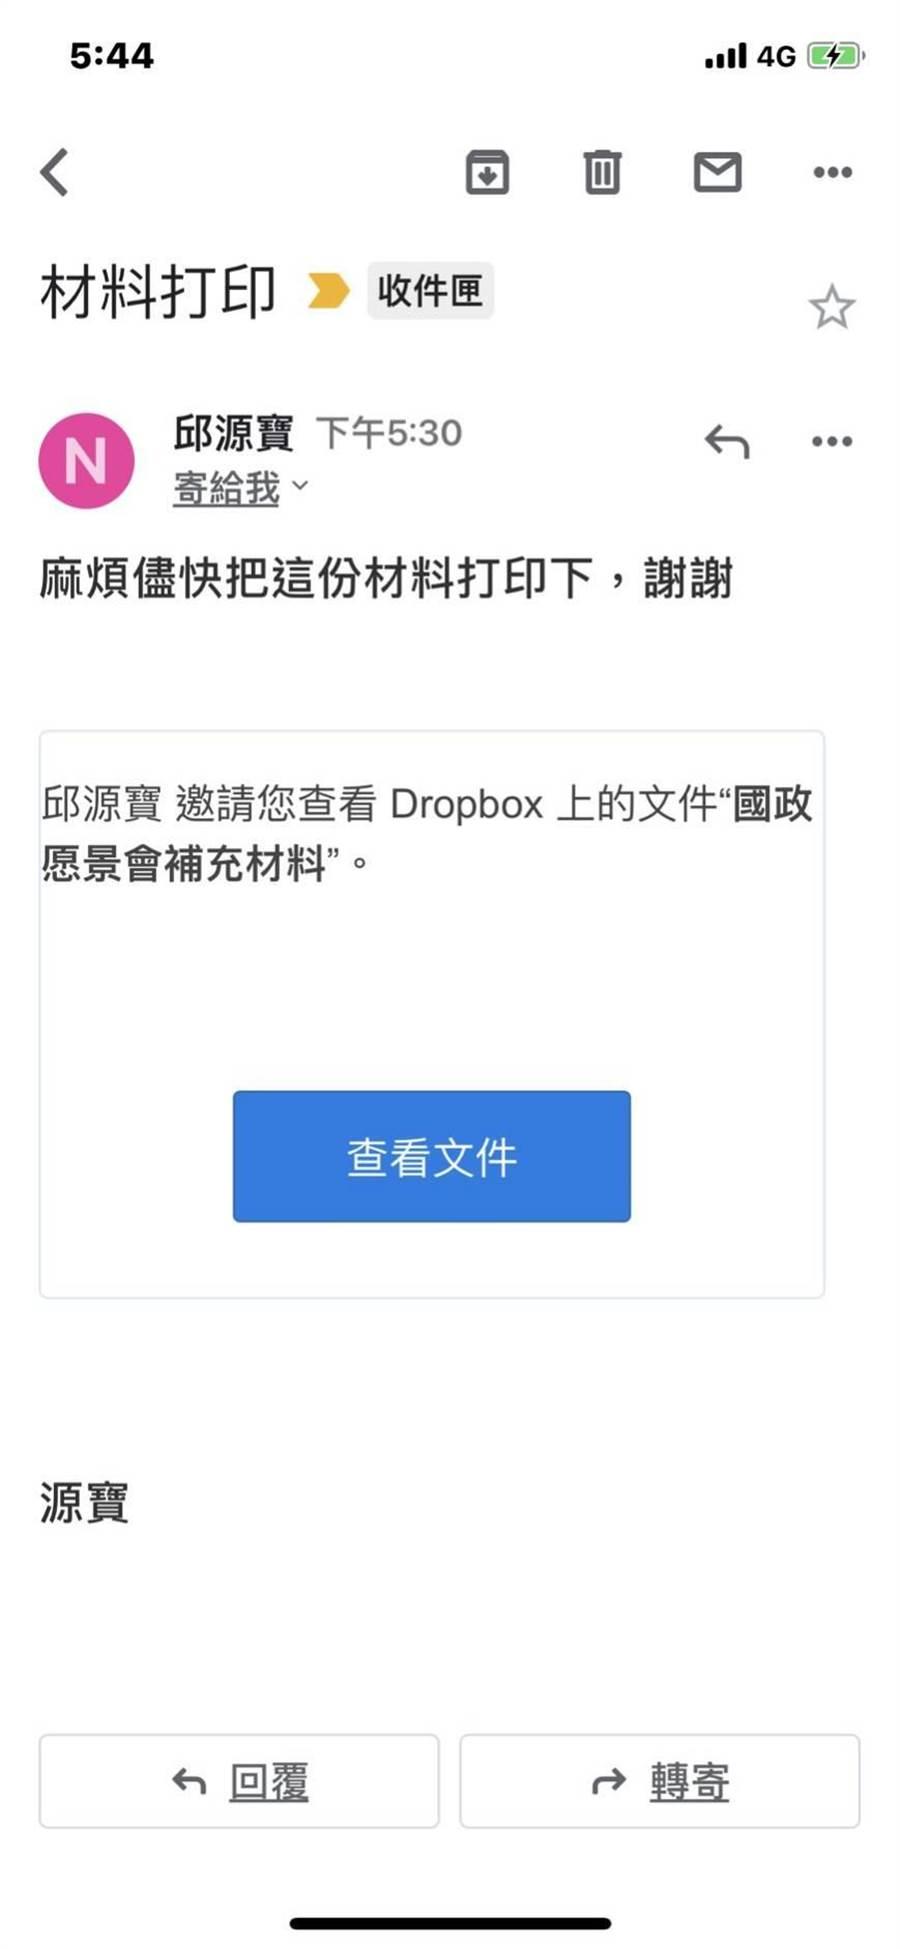 高雄市長韓國瑜辦公室主任邱源寶也被冒名,寄信給市府同仁寄發疑似木馬程式連結。(市府提供)